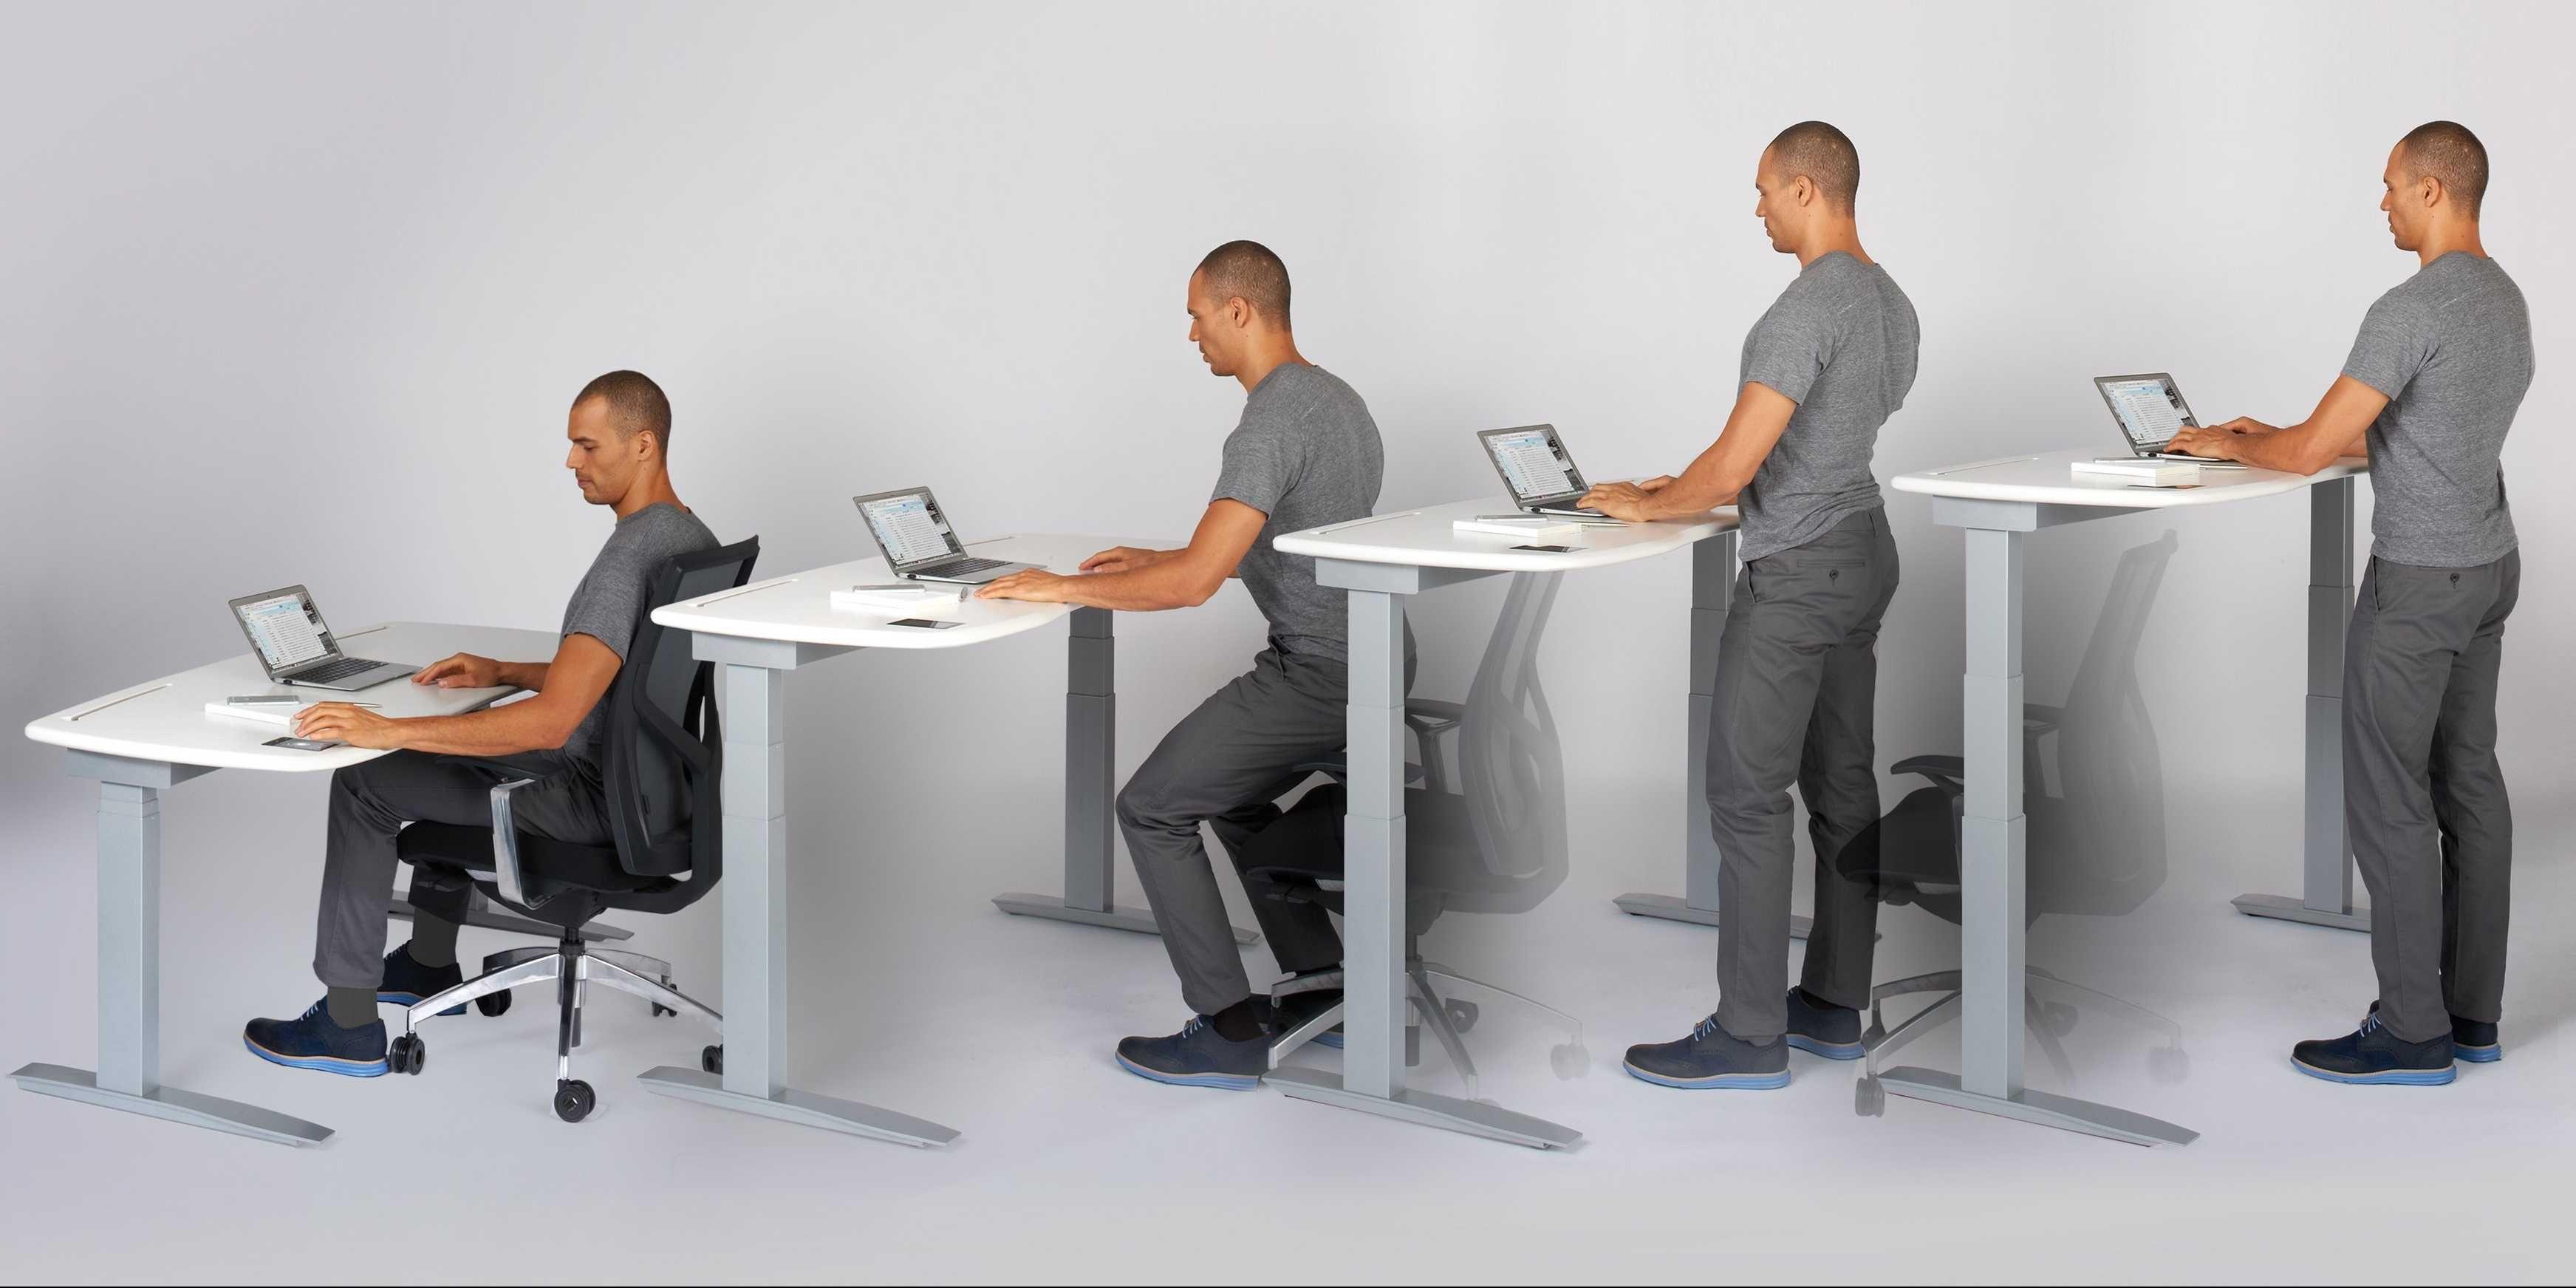 Making The Most Of Standing Desks Yonohomedesign Com In 2020 Standing Desk Office Best Standing Desk Smart Desk